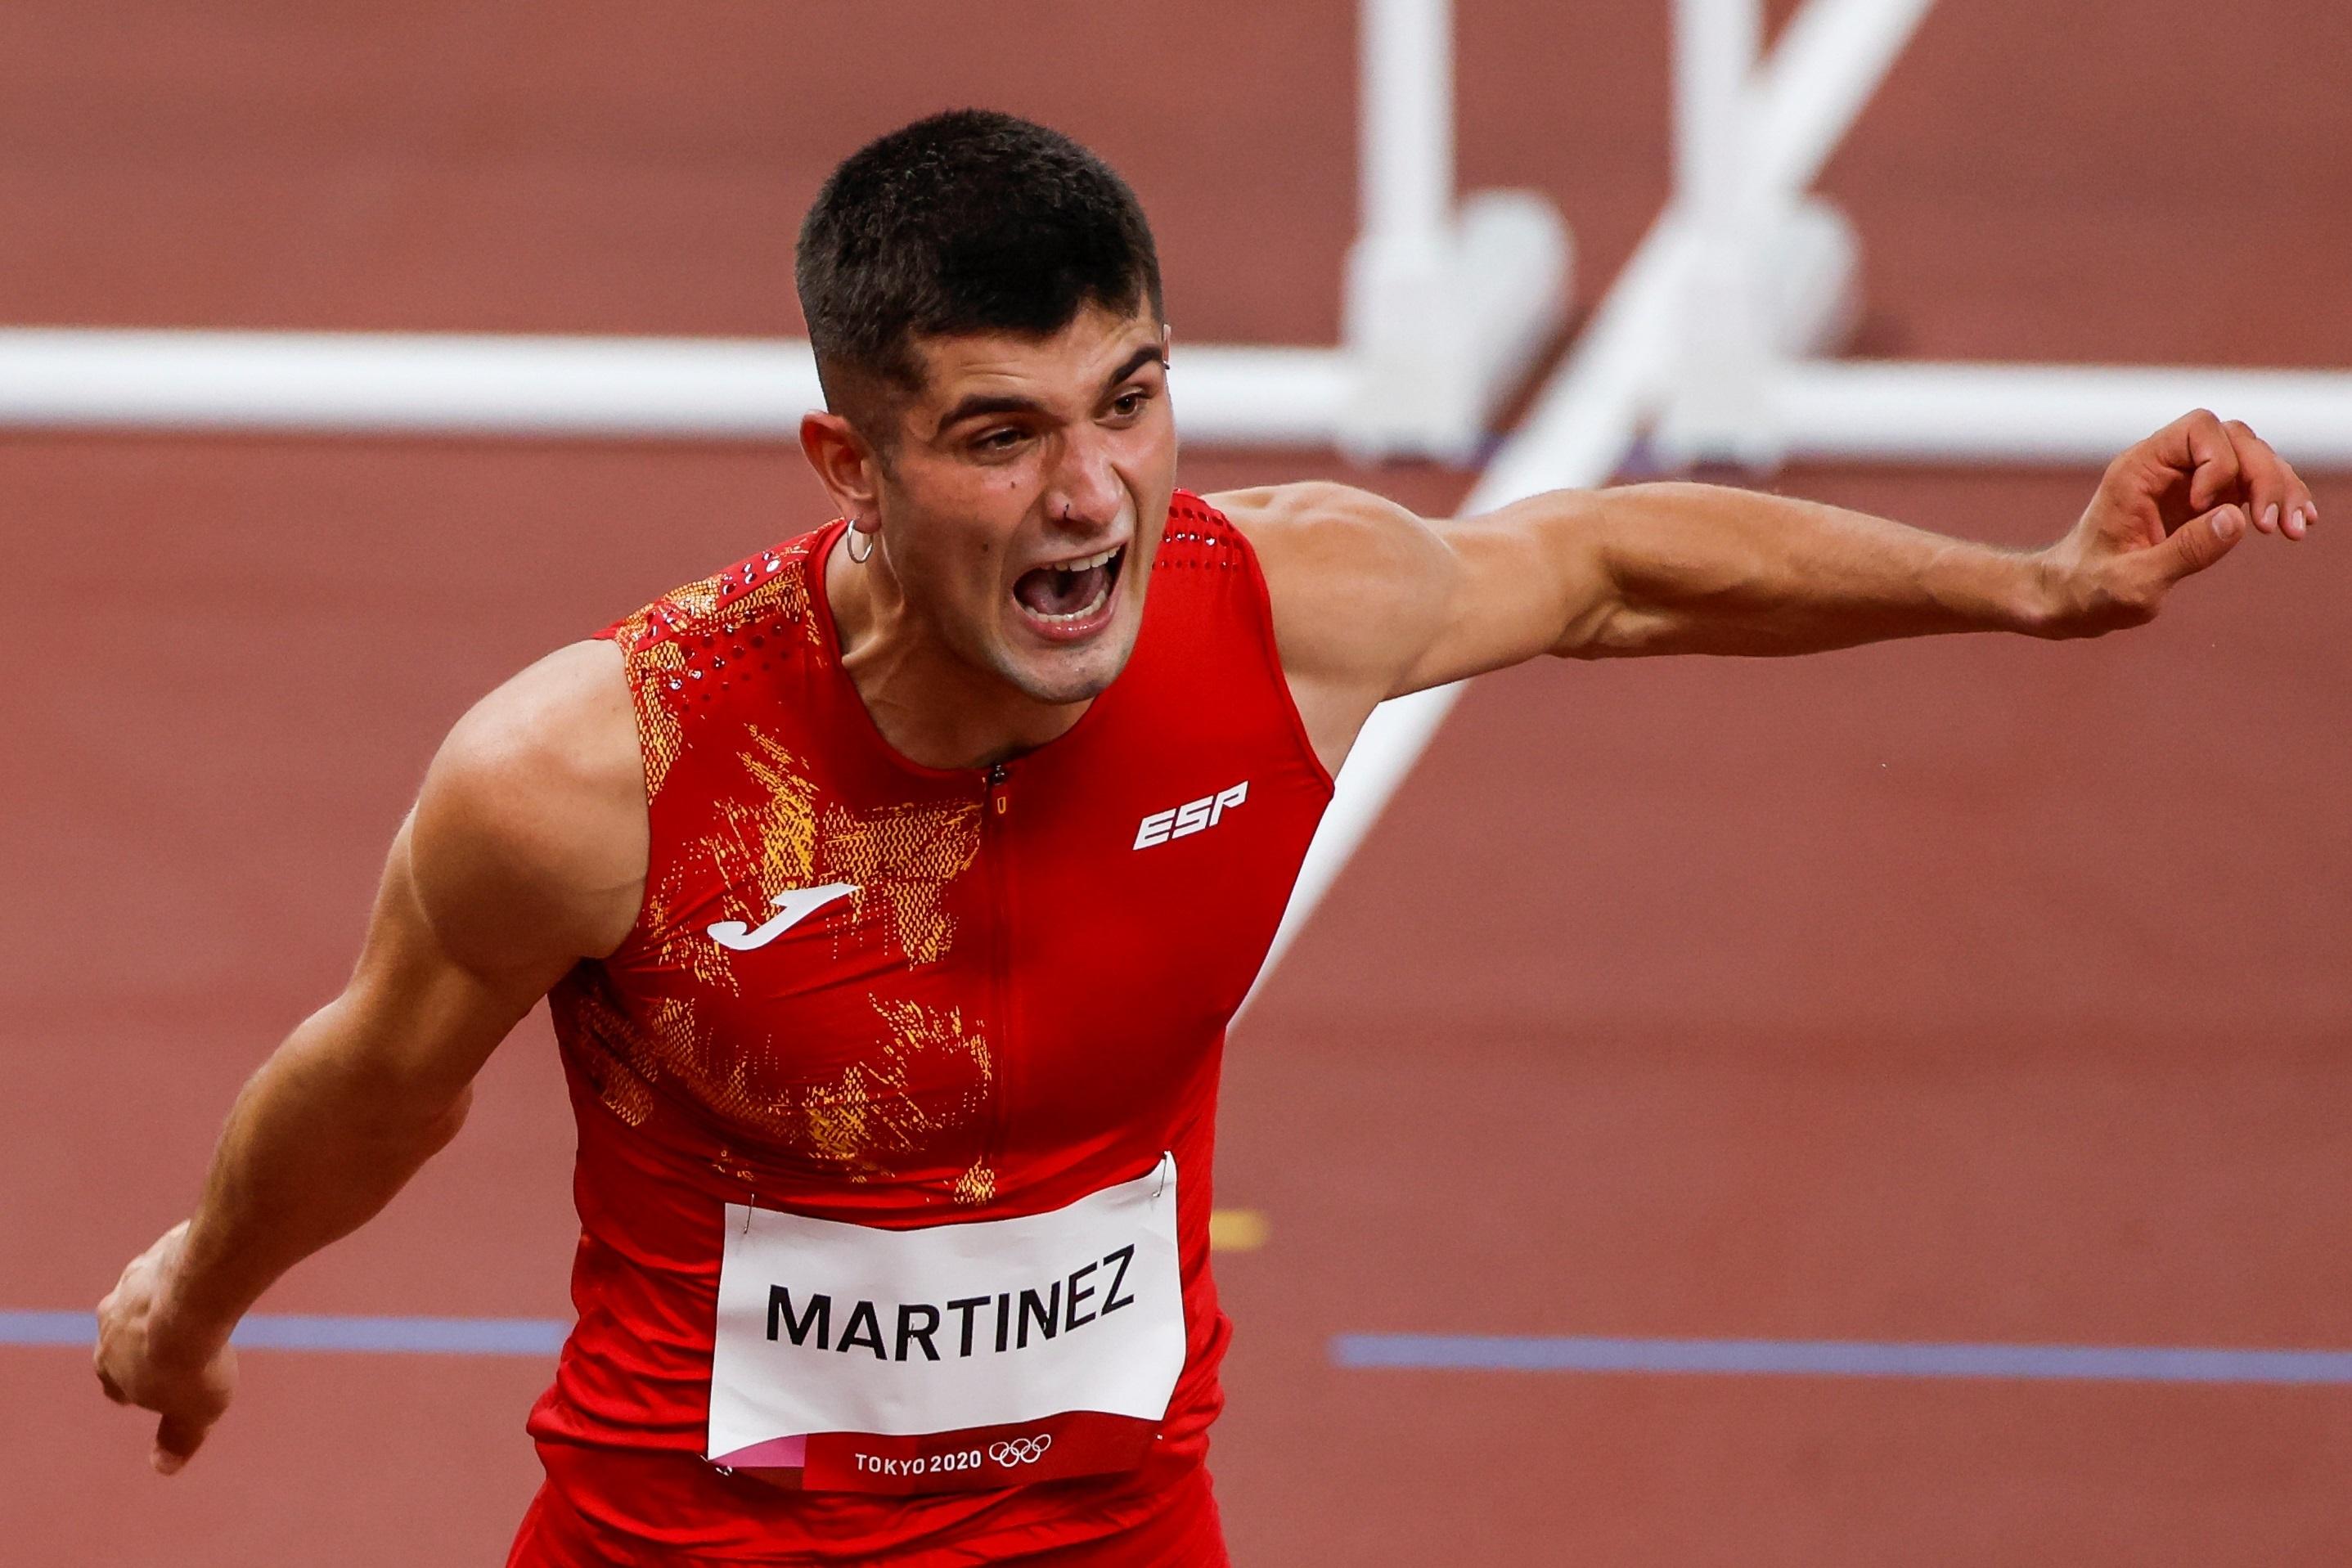 Asier Martínez compite en Tokio en los 11m vallas